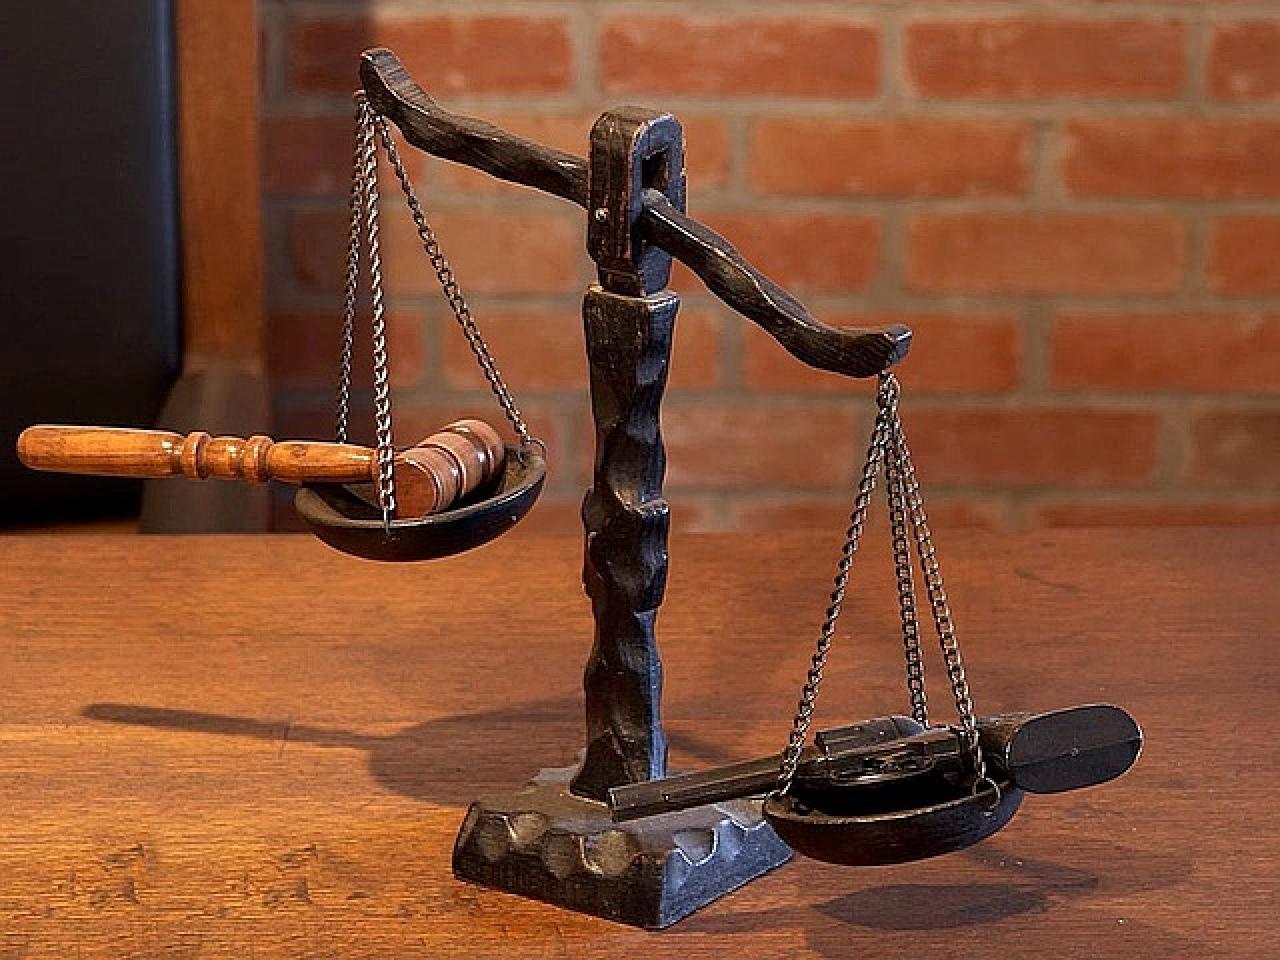 Zdjęcie główne #53 - Do sądu z ubezpieczycielem? Dobrze się zastanów – szanse na wygraną wcale nie są bardzo wysokie